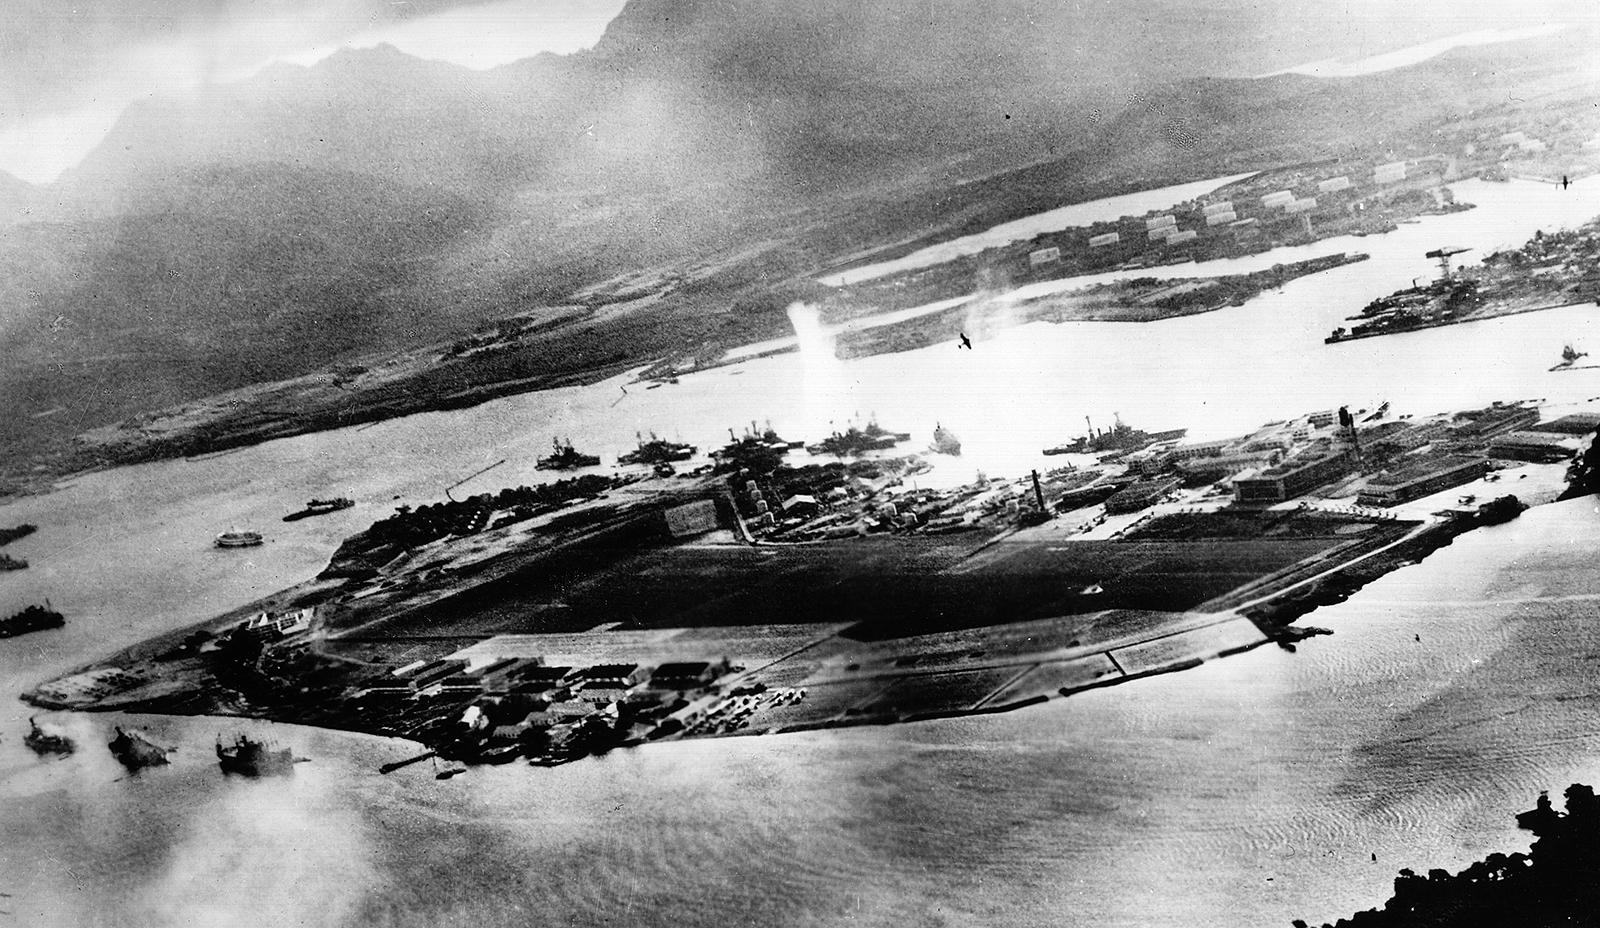 الولايات المتحدة الامريكية والحرب العالمية الثانية - الجزء 1